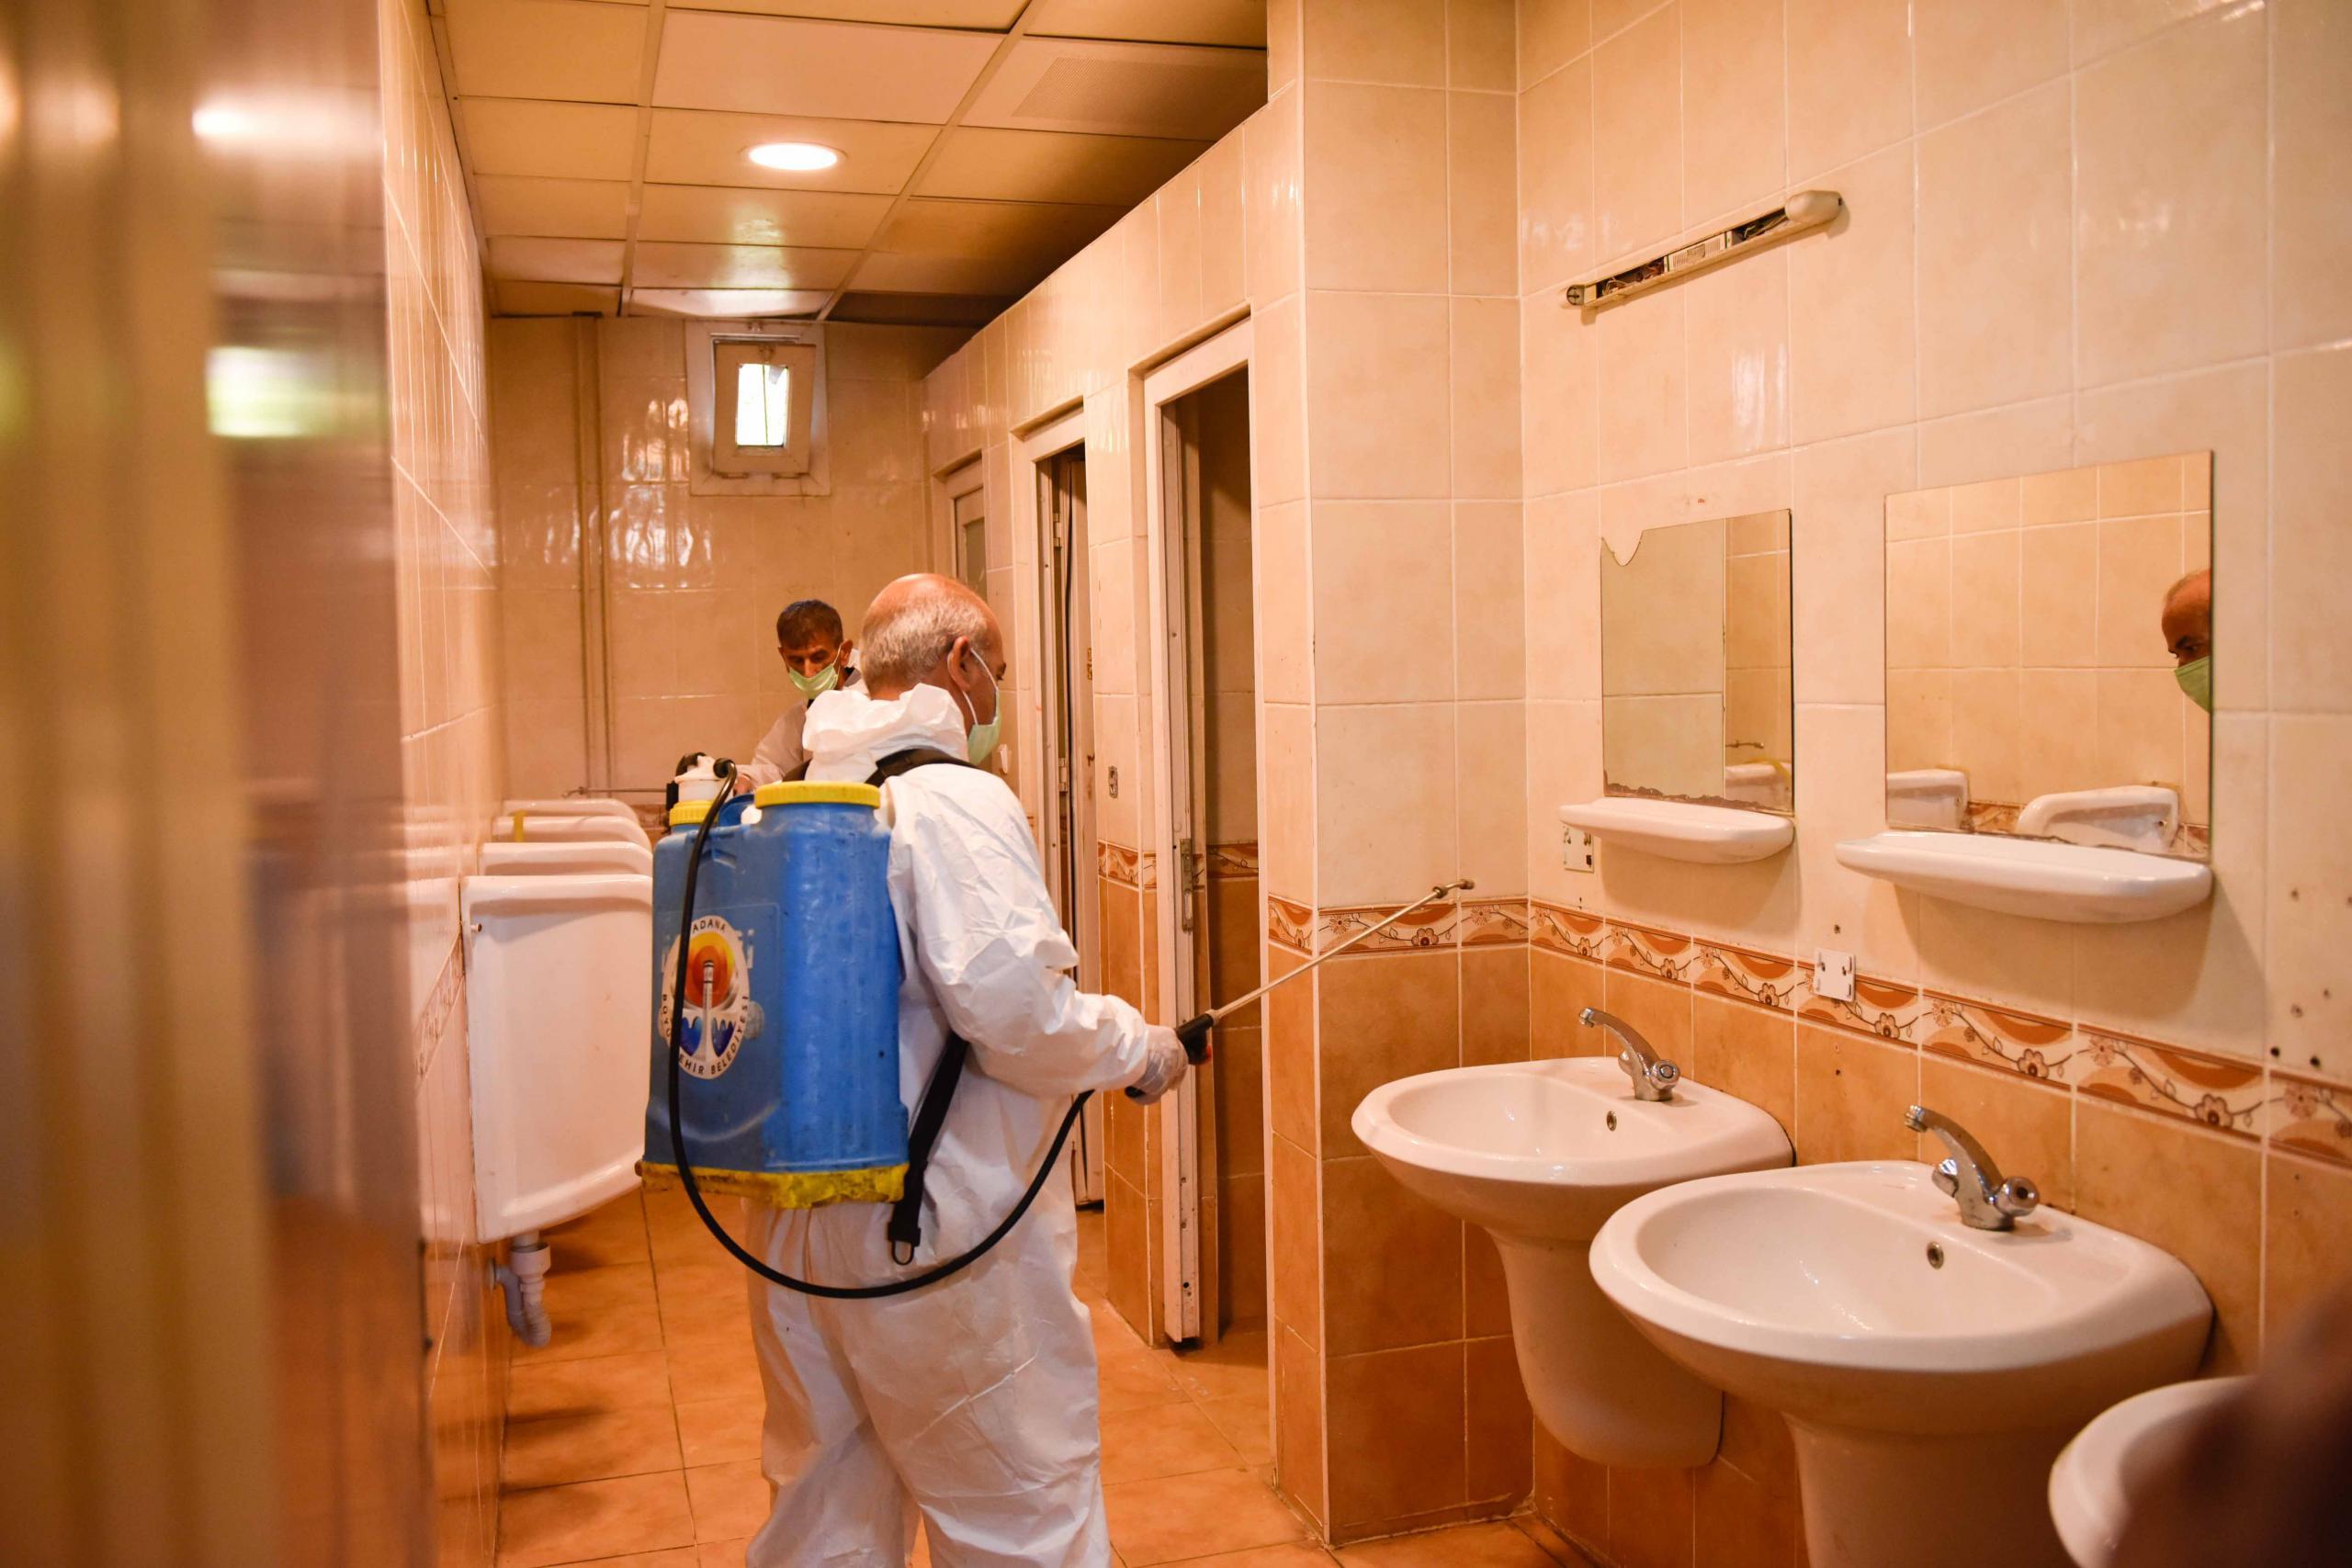 Büyükşehir, sınav takvimi öncesi okulları dezenfekte ediyor